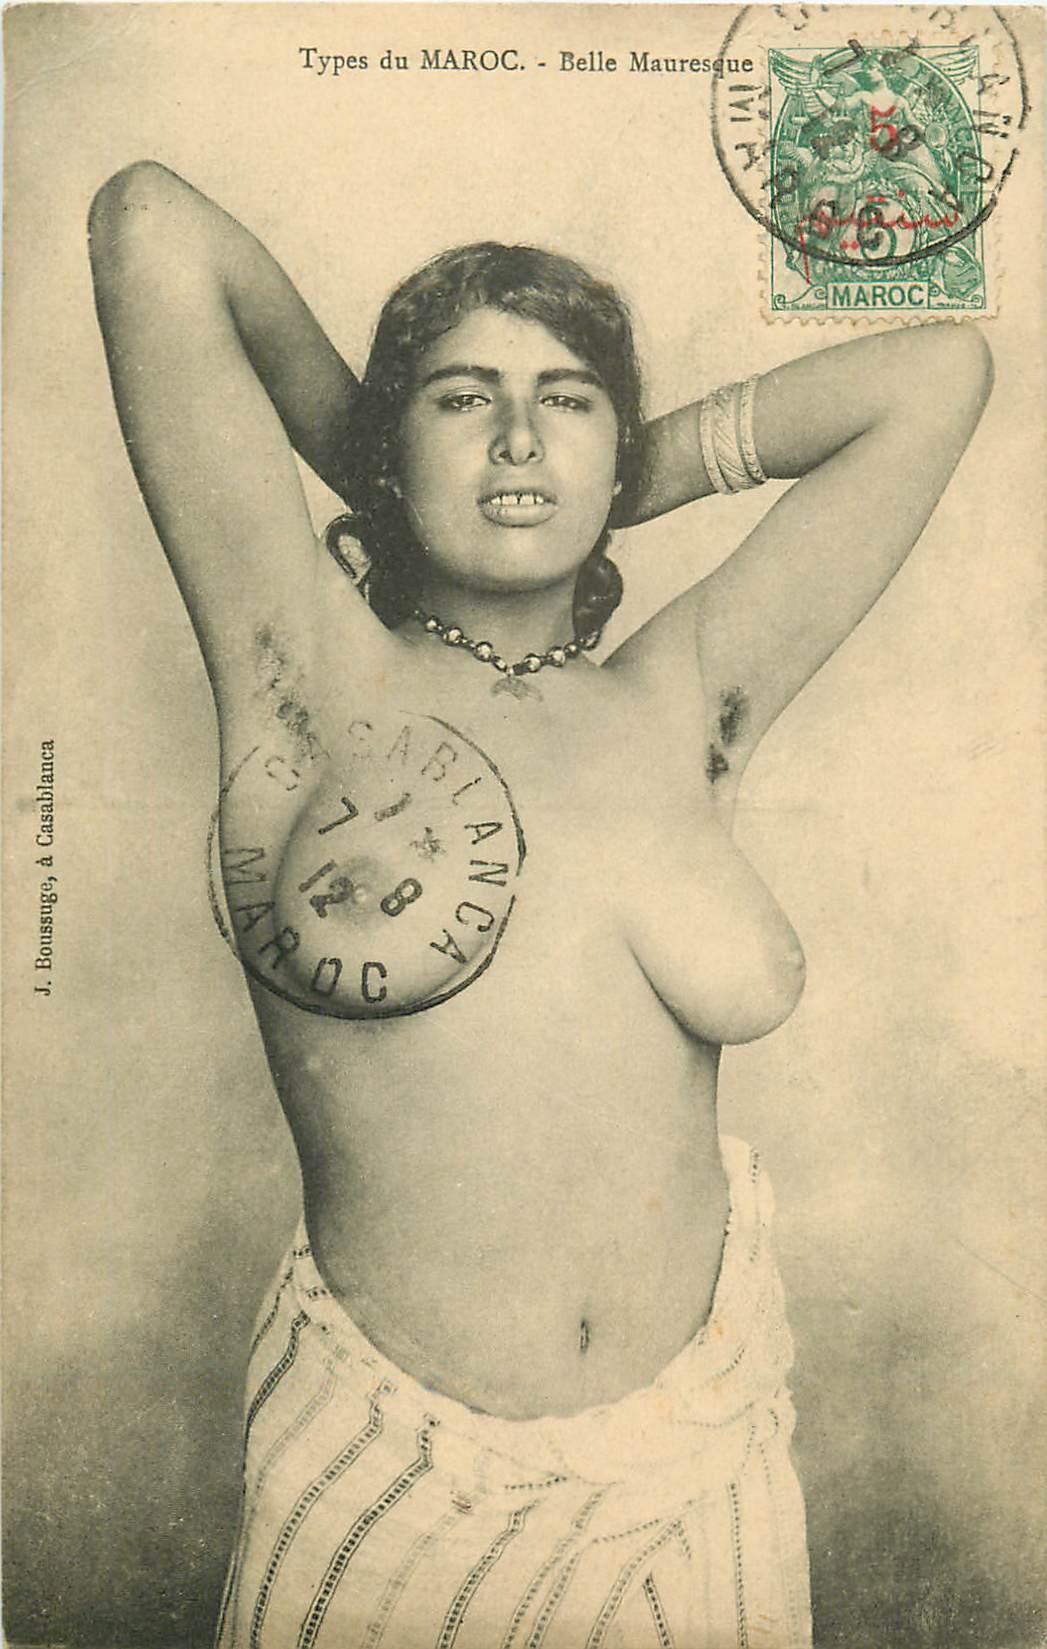 WW MAROC. Belle Mauresque aux seins nus 1912